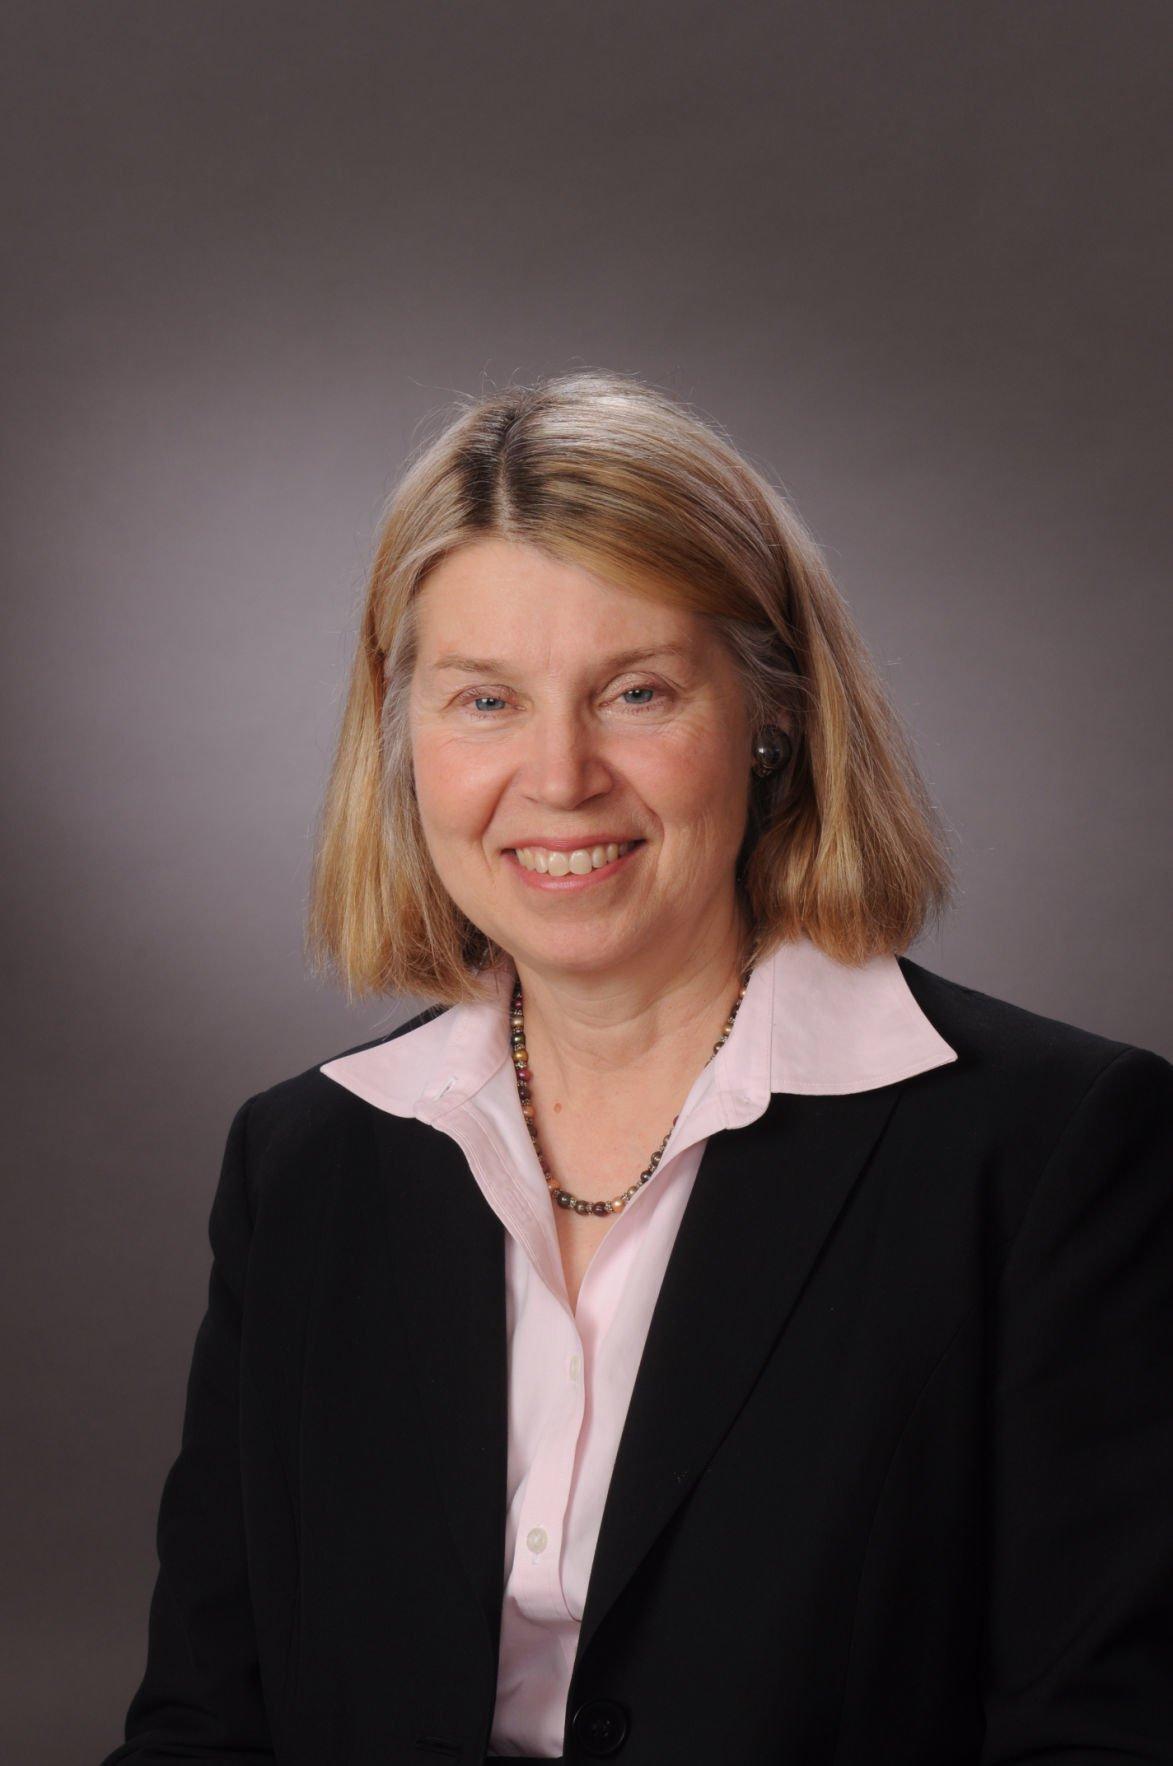 Mary Housel